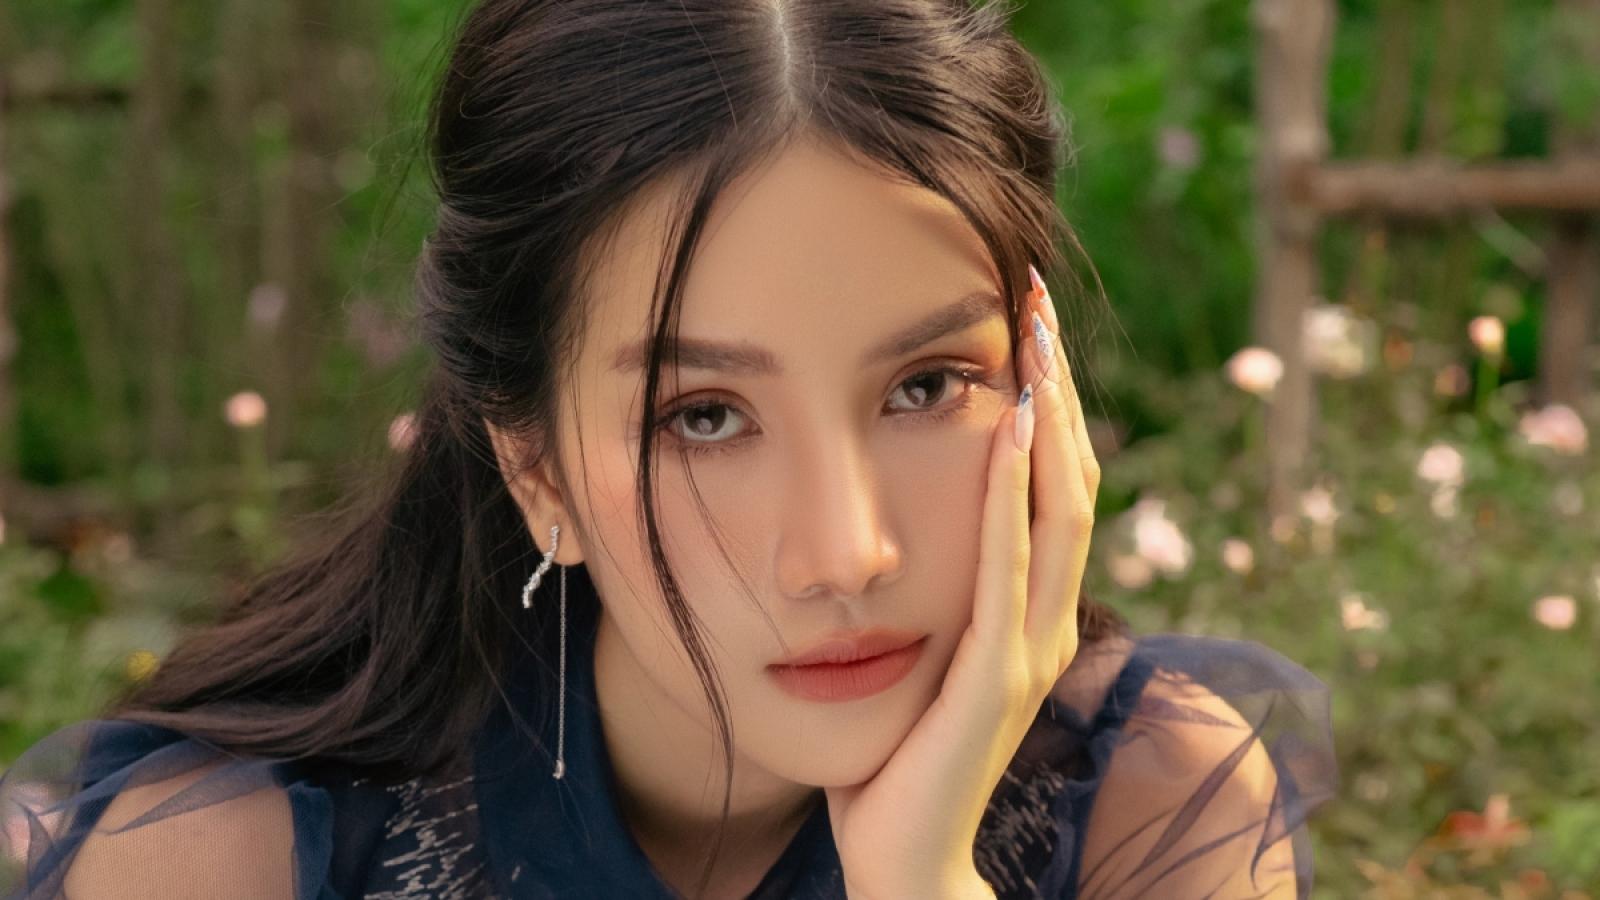 Á hậu Phương Anh trải lòng khi cuộc thi Hoa hậu Quốc tế 2021 bị hủy bỏ